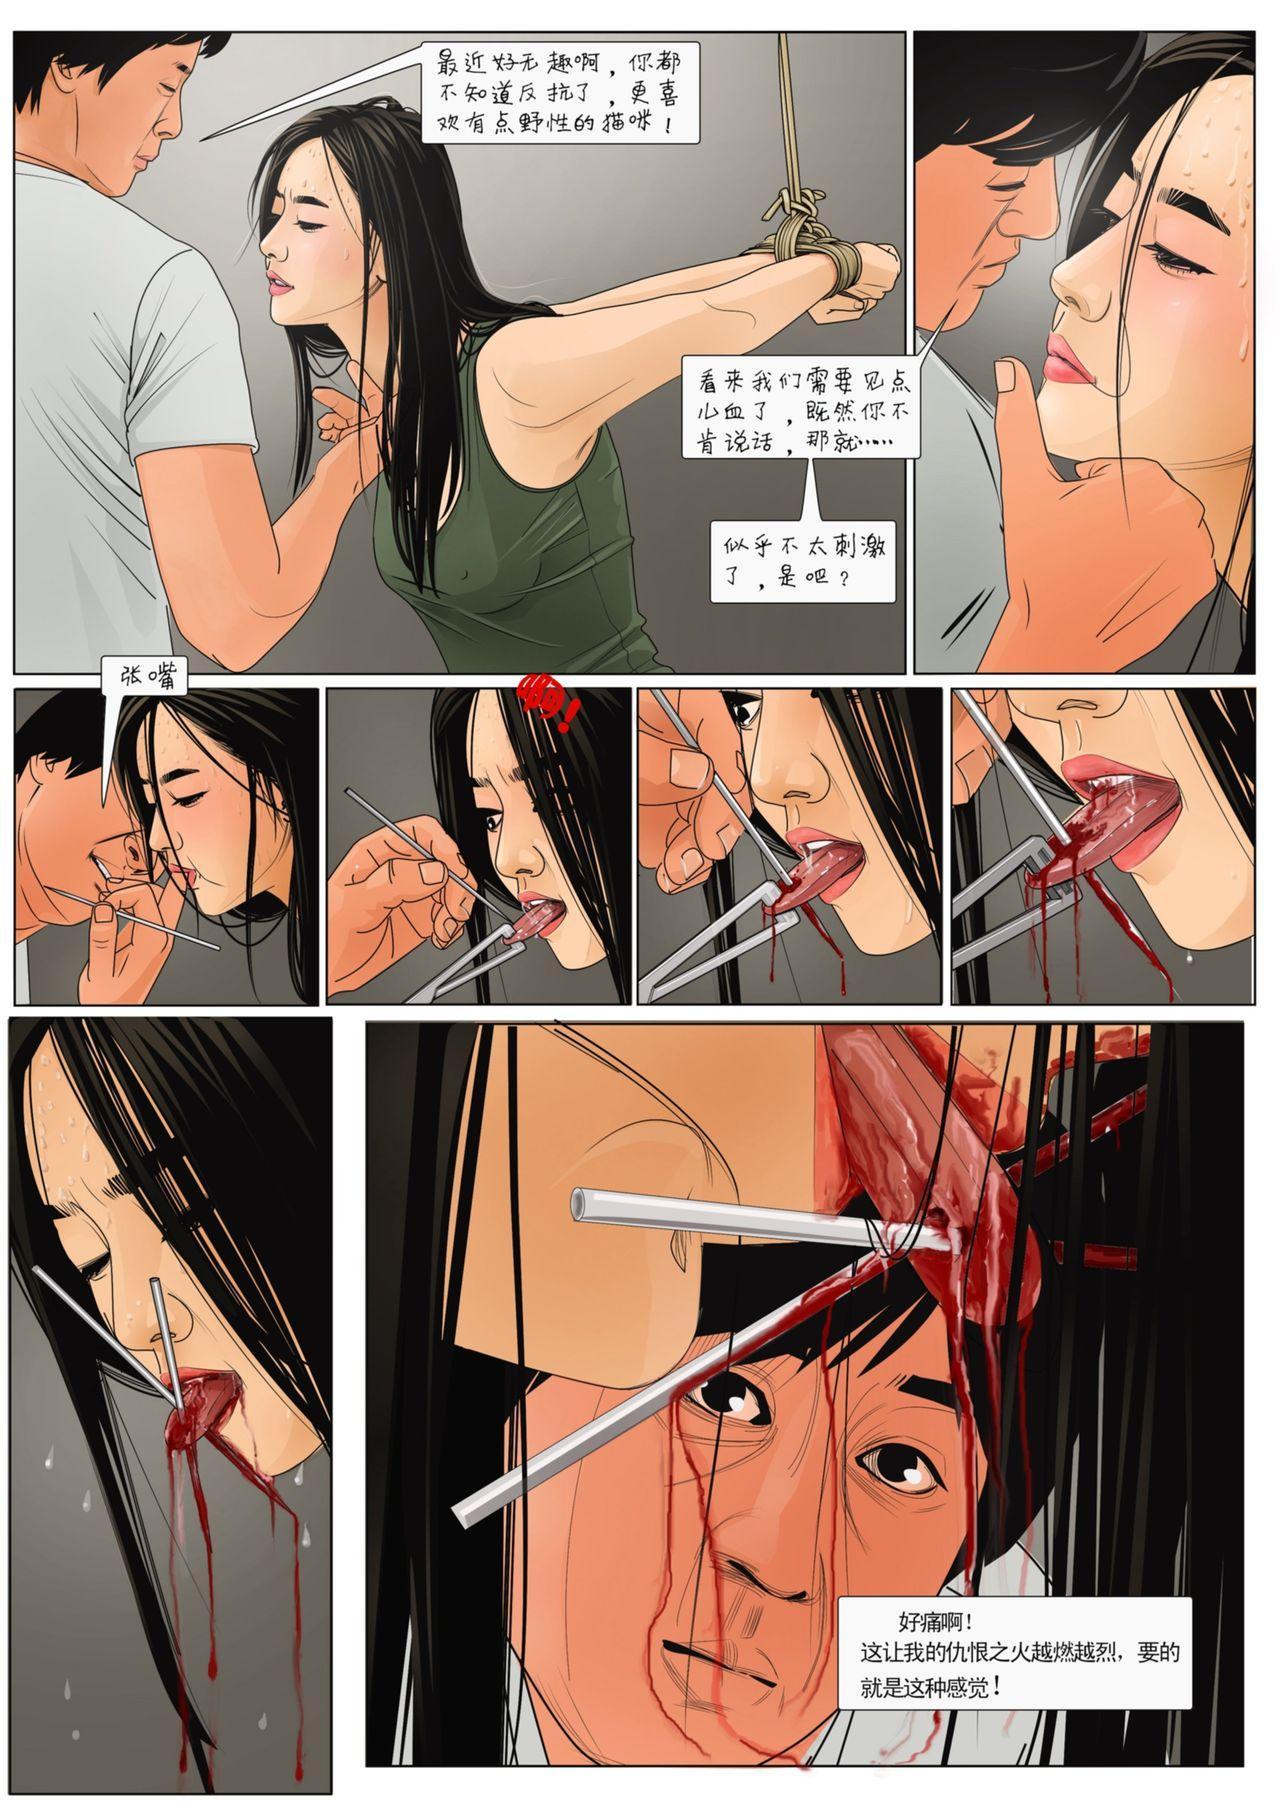 [枫语]Three Female Prisoners 3 [Chinese]中文 5